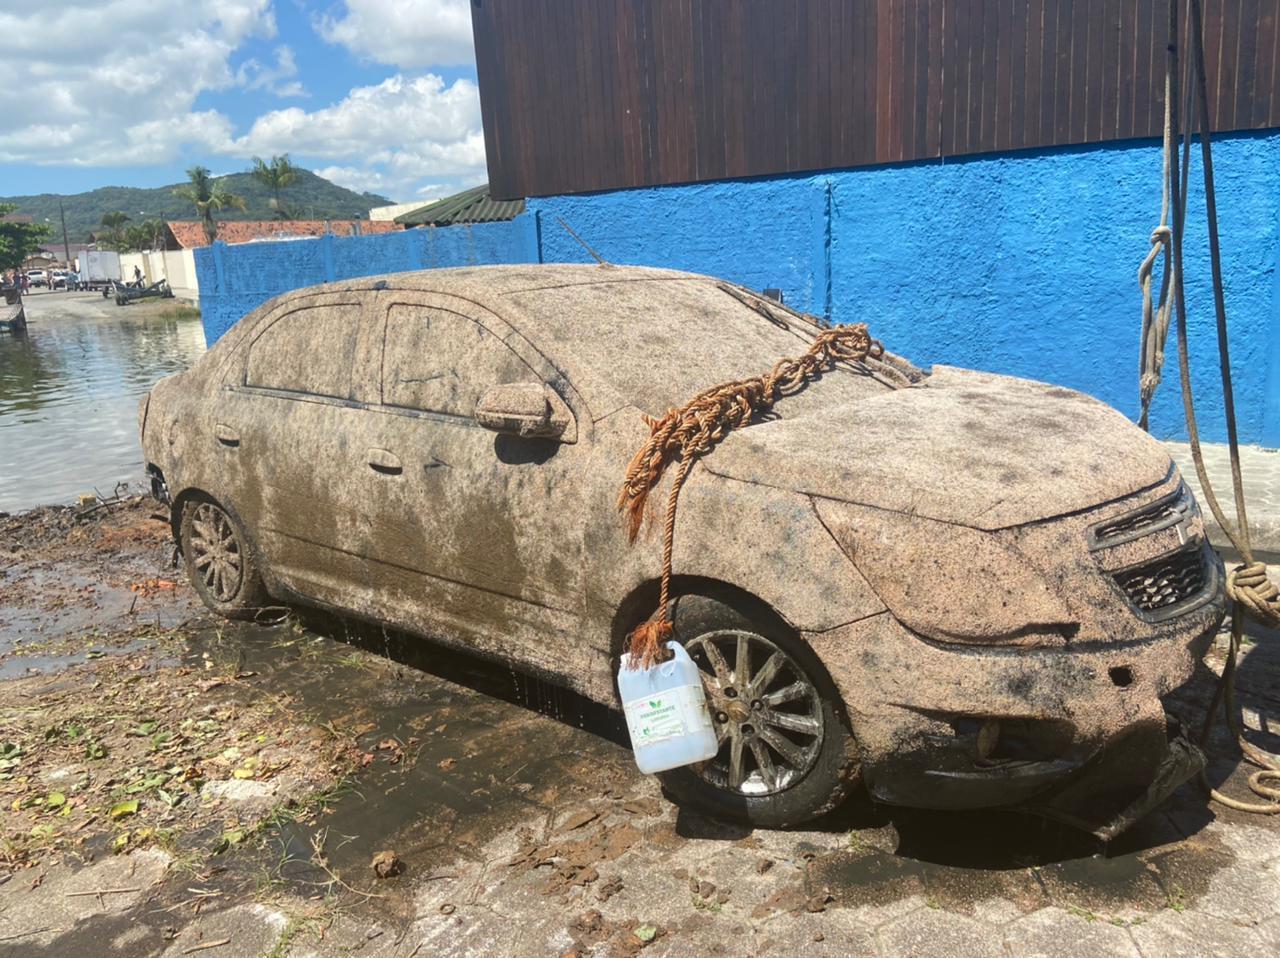 Carro estava atolado em lama até a metade - Polícia Civil/Divulgação